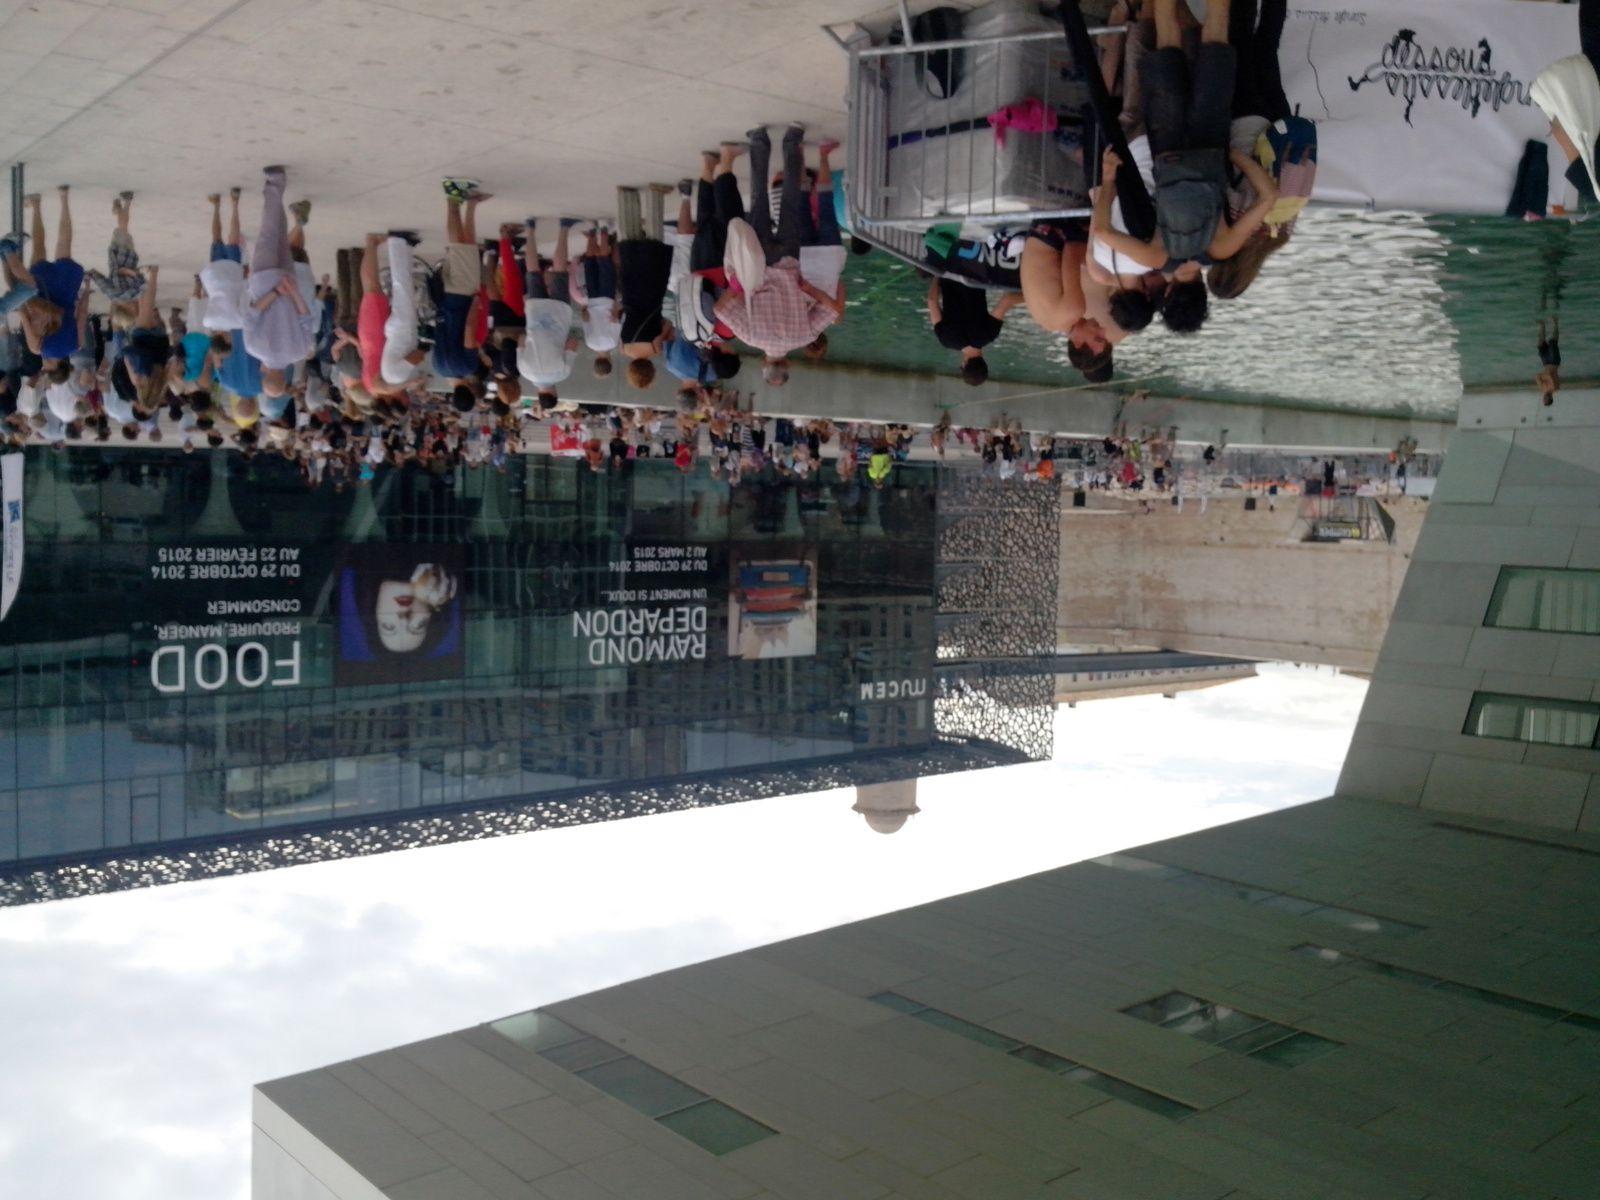 Slackline Contest 2014, devant le MUCEM de Marseille, 21 septembre 2014.